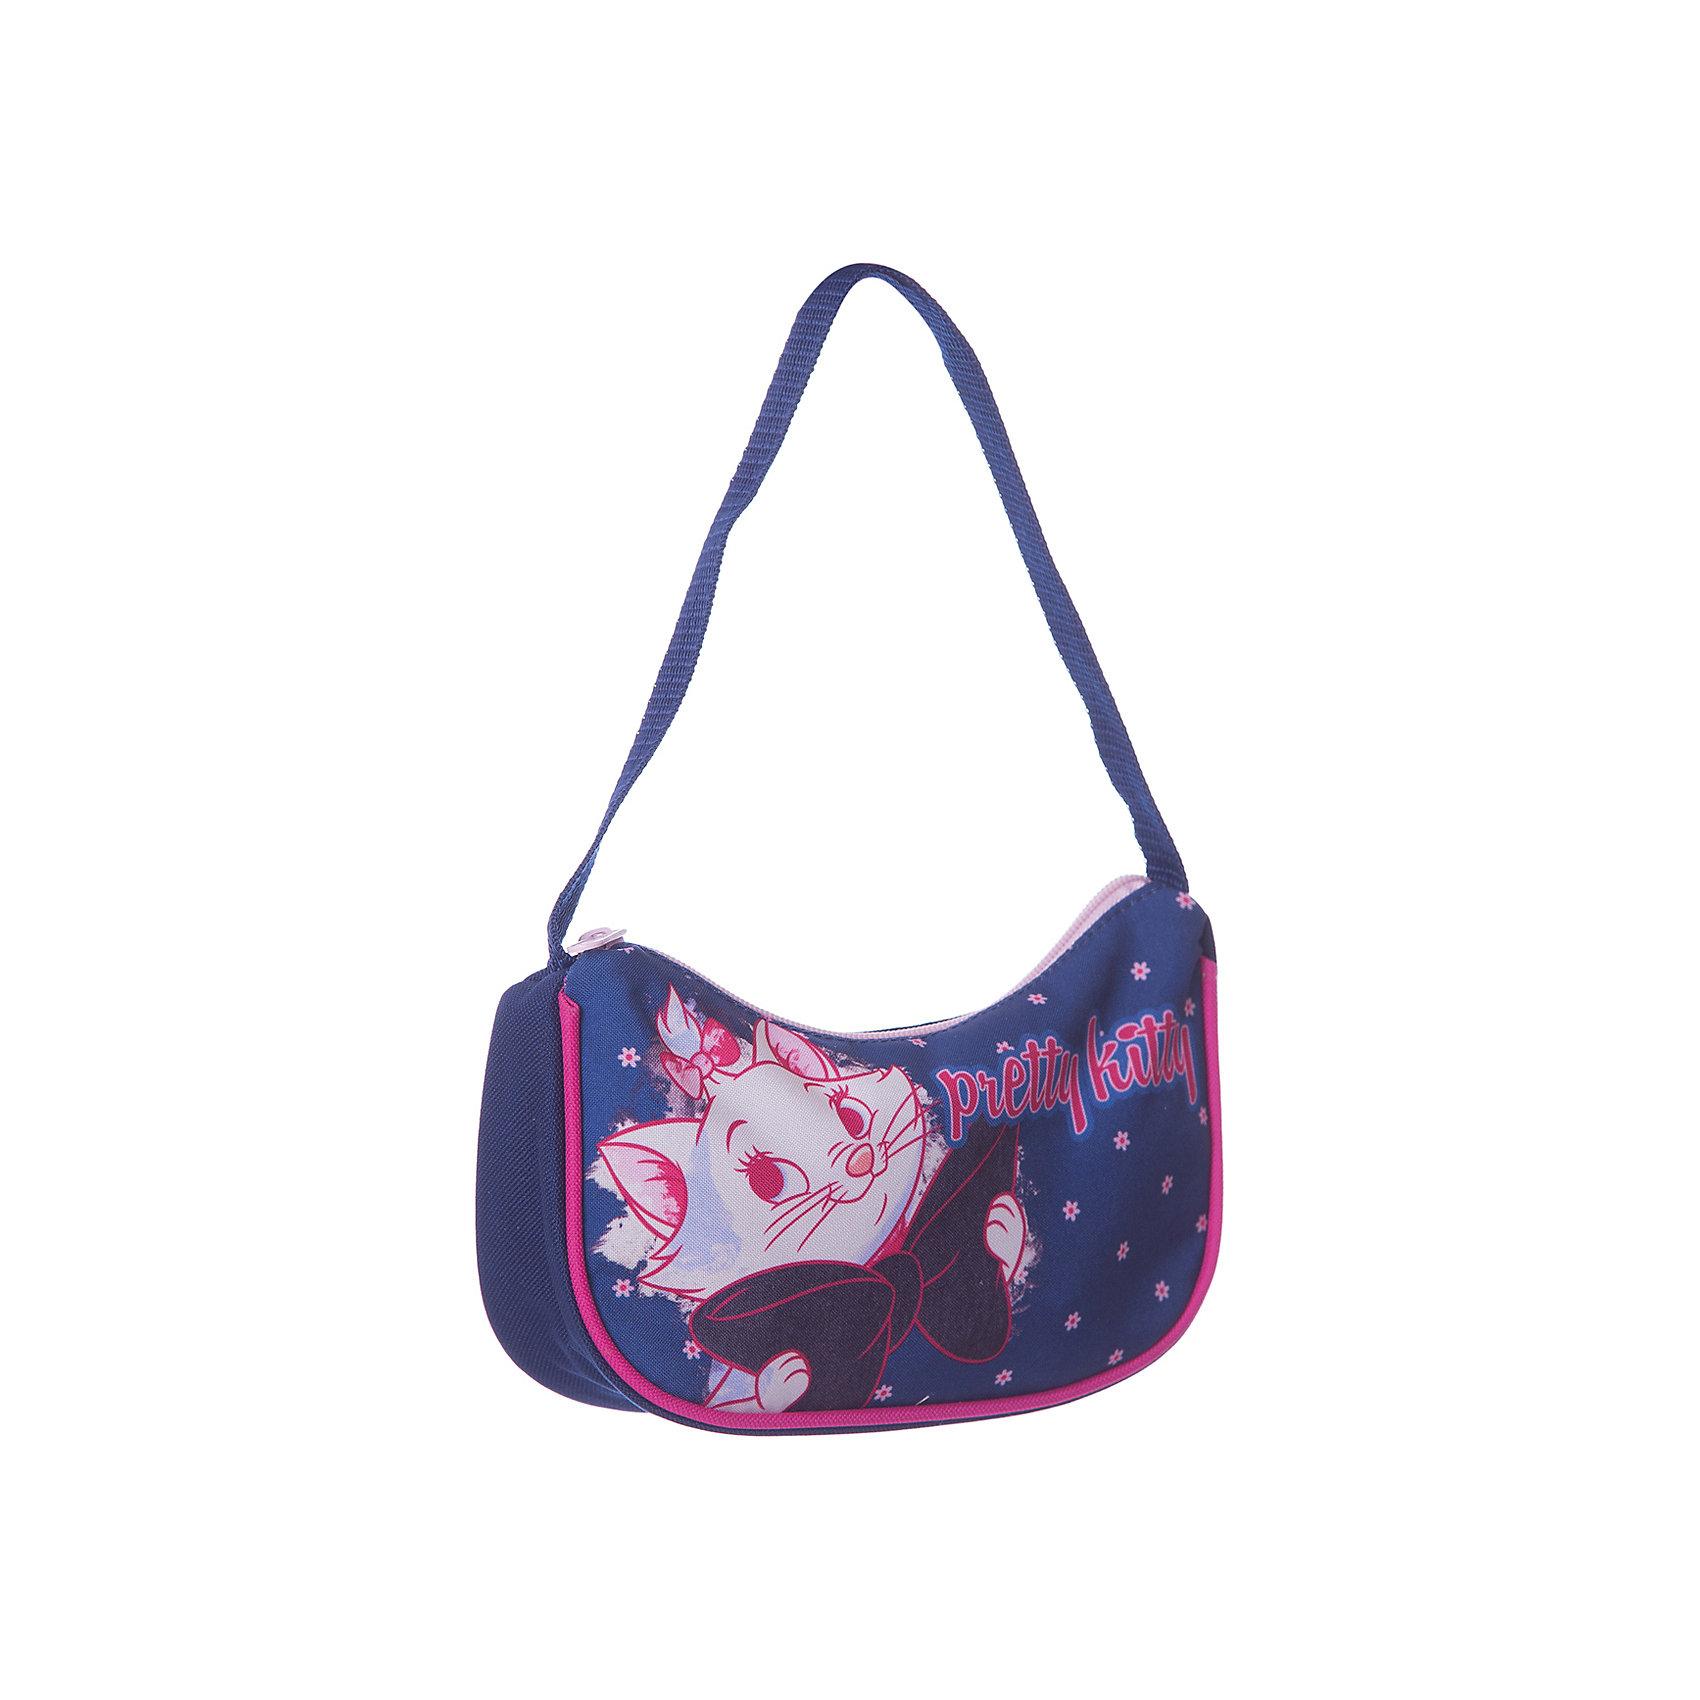 Сумка Кошка Мари 13*21*6,5 смСтильная детская сумочка с изображением любимых героев, несомненно понравится Вашему ребенку. С ней можно отправиться на прогулку и взять с собой все самое необходимое. Сумка закрывается на молнию. Лямка свободно регулируется по длине, обеспечивая дополнительный комфорт. Модель выполнена из плотного и износостойкого полиэстера.<br><br>Дополнительная информация:<br><br>Одно отделение на молнии.<br>Размер 13 х 21 х 6,5 см.<br><br>Сумку Кошка Мари 13*21*6,5 см можно купить в нашем магазине.<br><br>Ширина мм: 130<br>Глубина мм: 210<br>Высота мм: 65<br>Вес г: 55<br>Возраст от месяцев: 96<br>Возраст до месяцев: 108<br>Пол: Женский<br>Возраст: Детский<br>SKU: 4140999